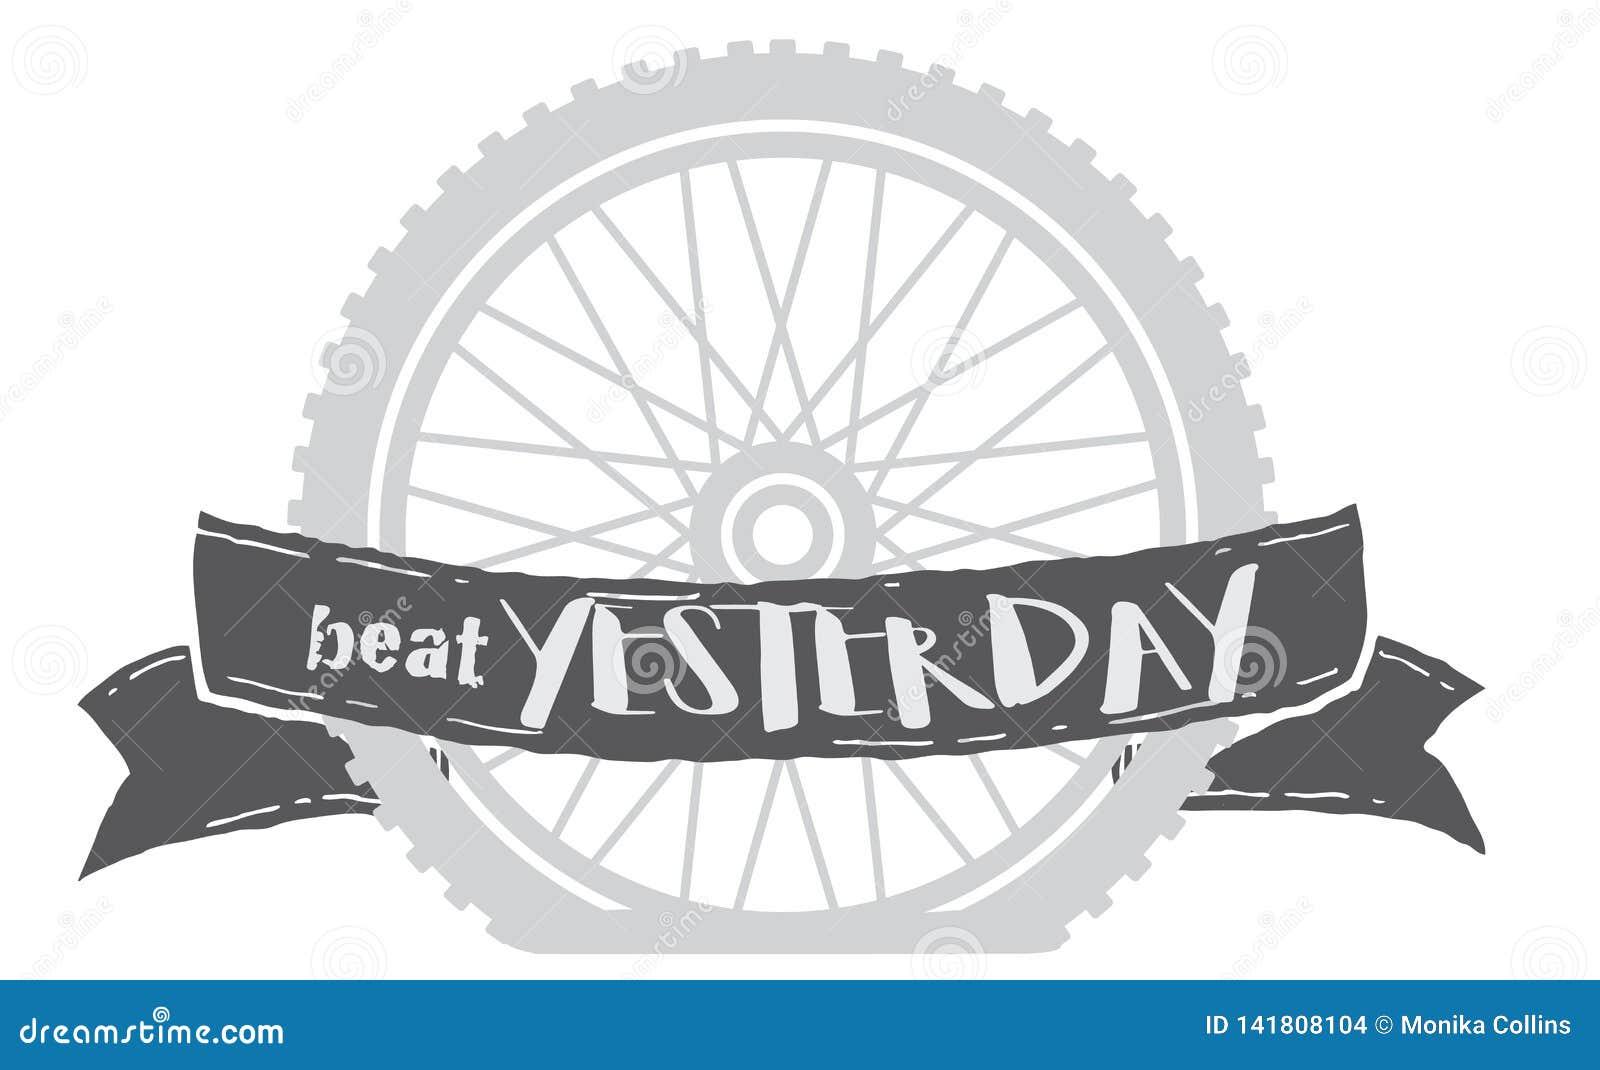 Beat yesterday bike wheel